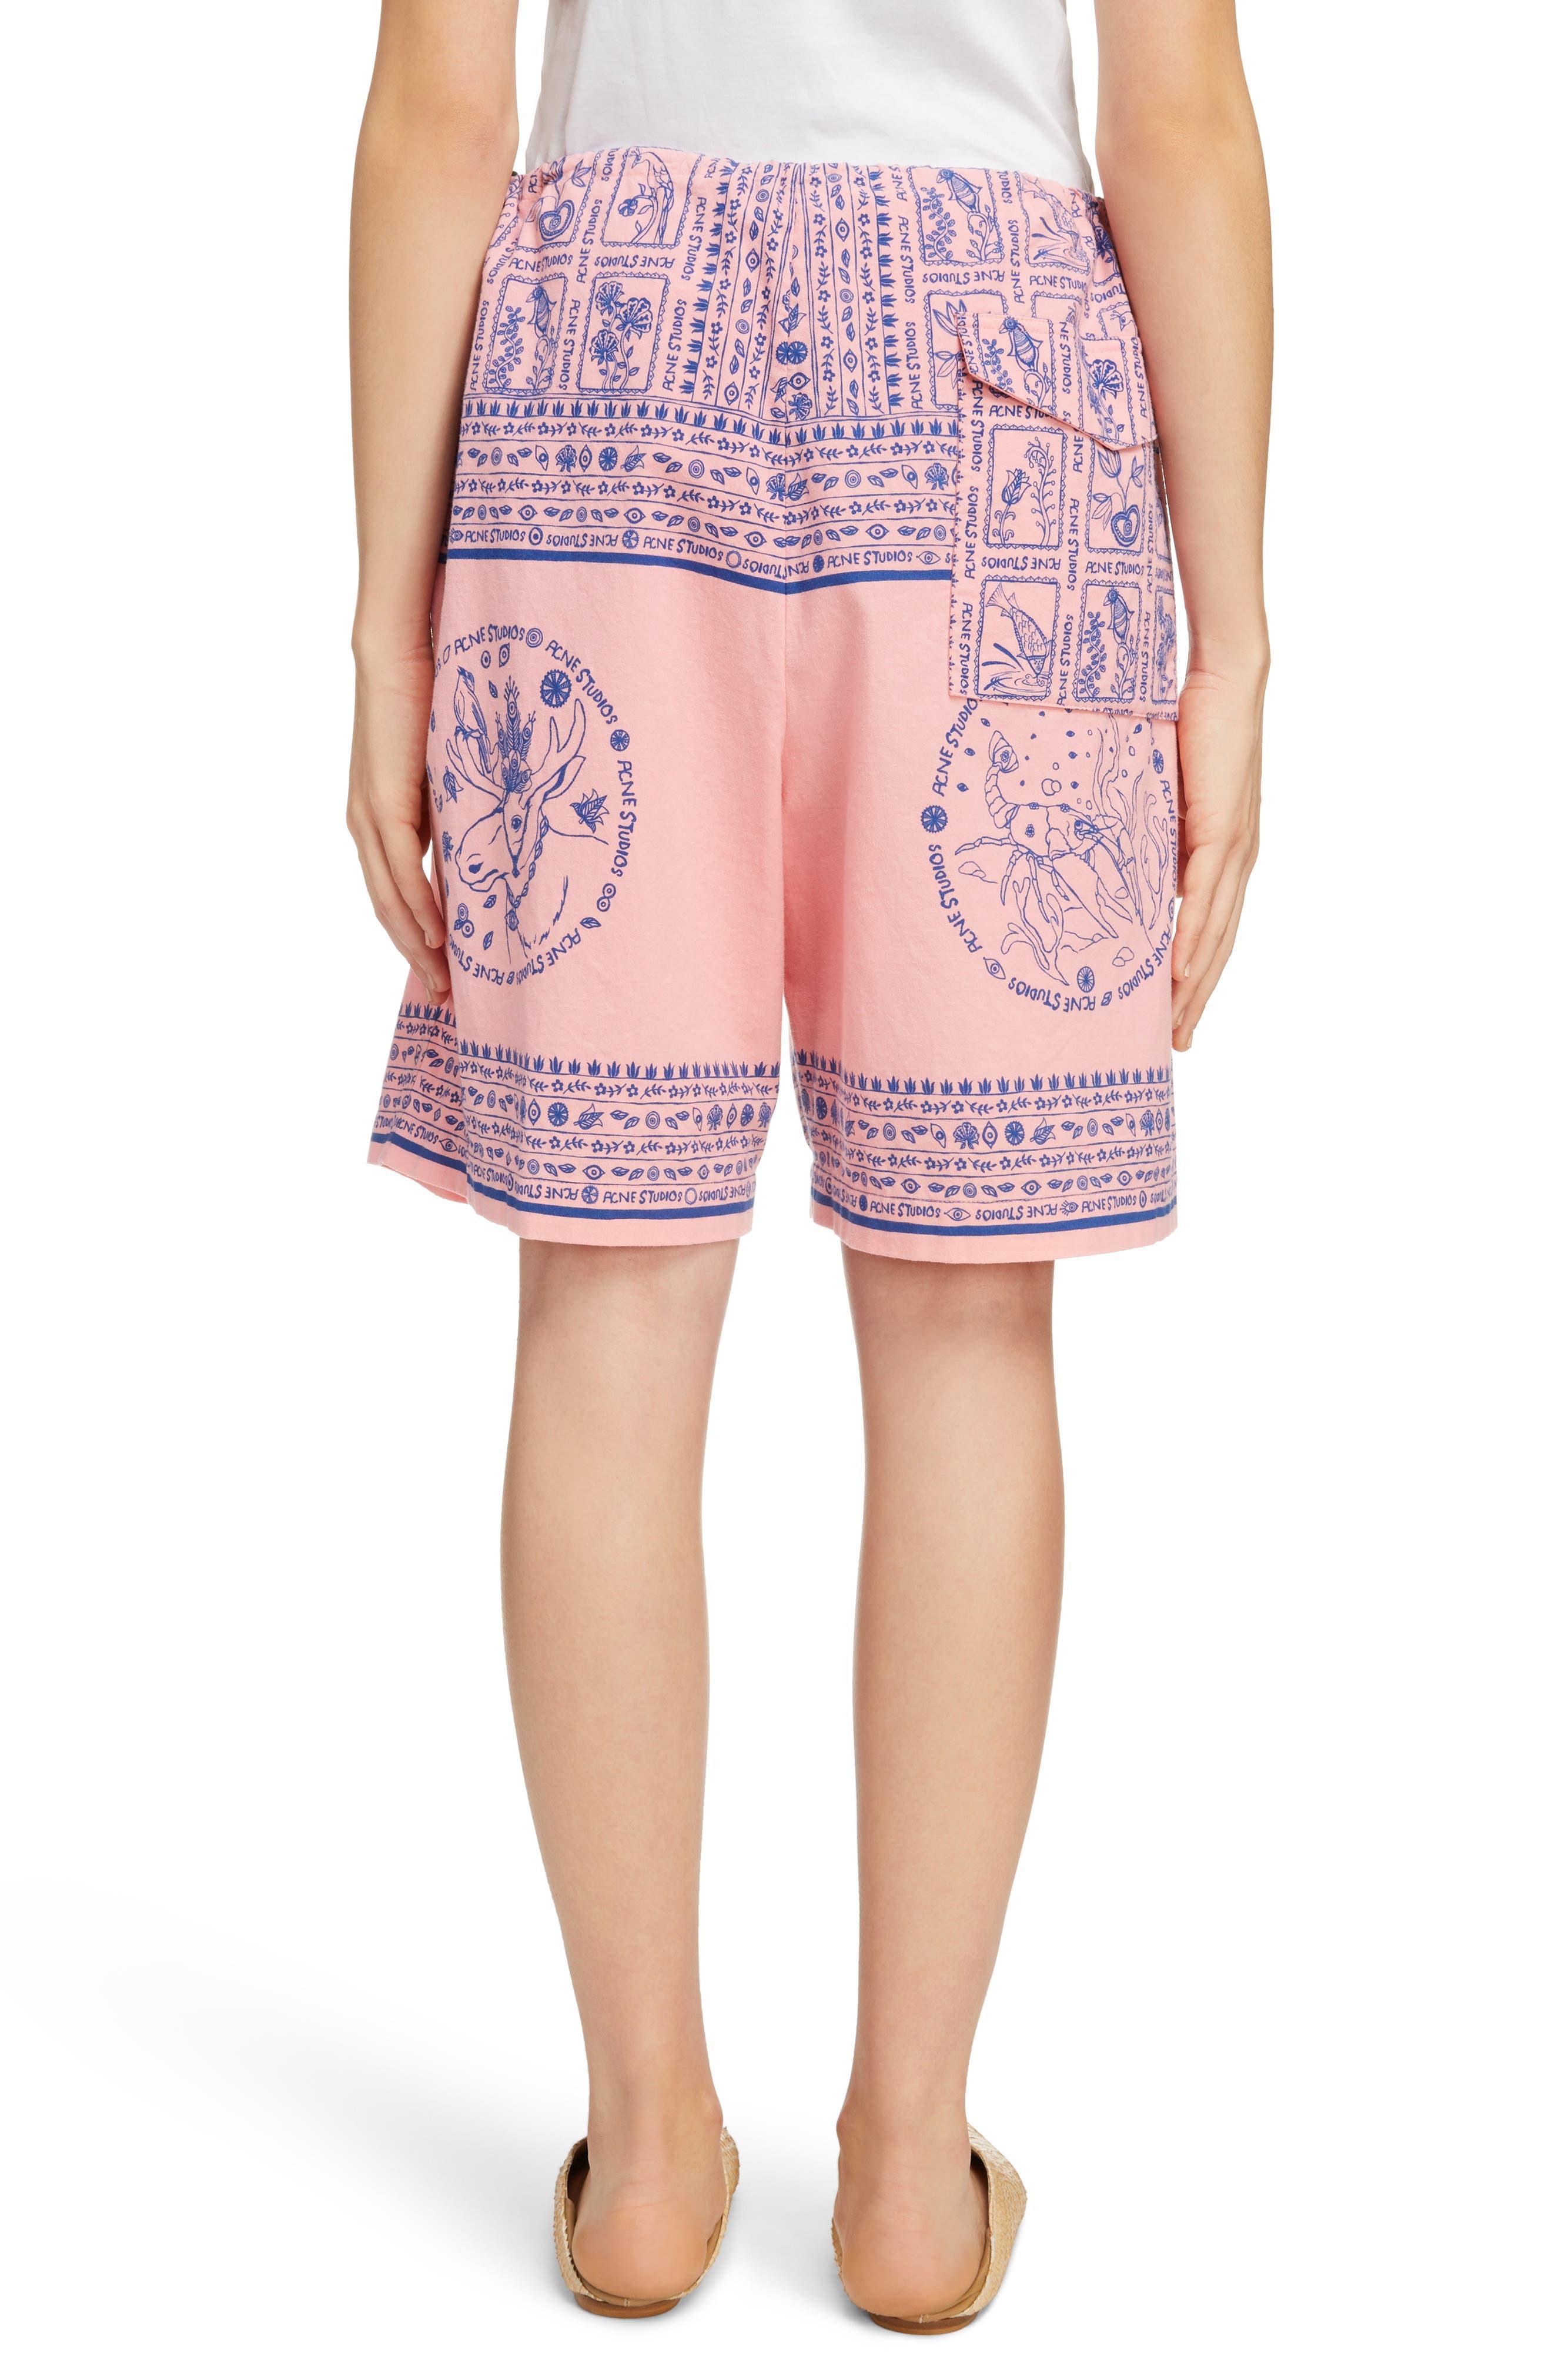 Nejlika Print Shorts,                             Alternate thumbnail 3, color,                             Pink Block Print